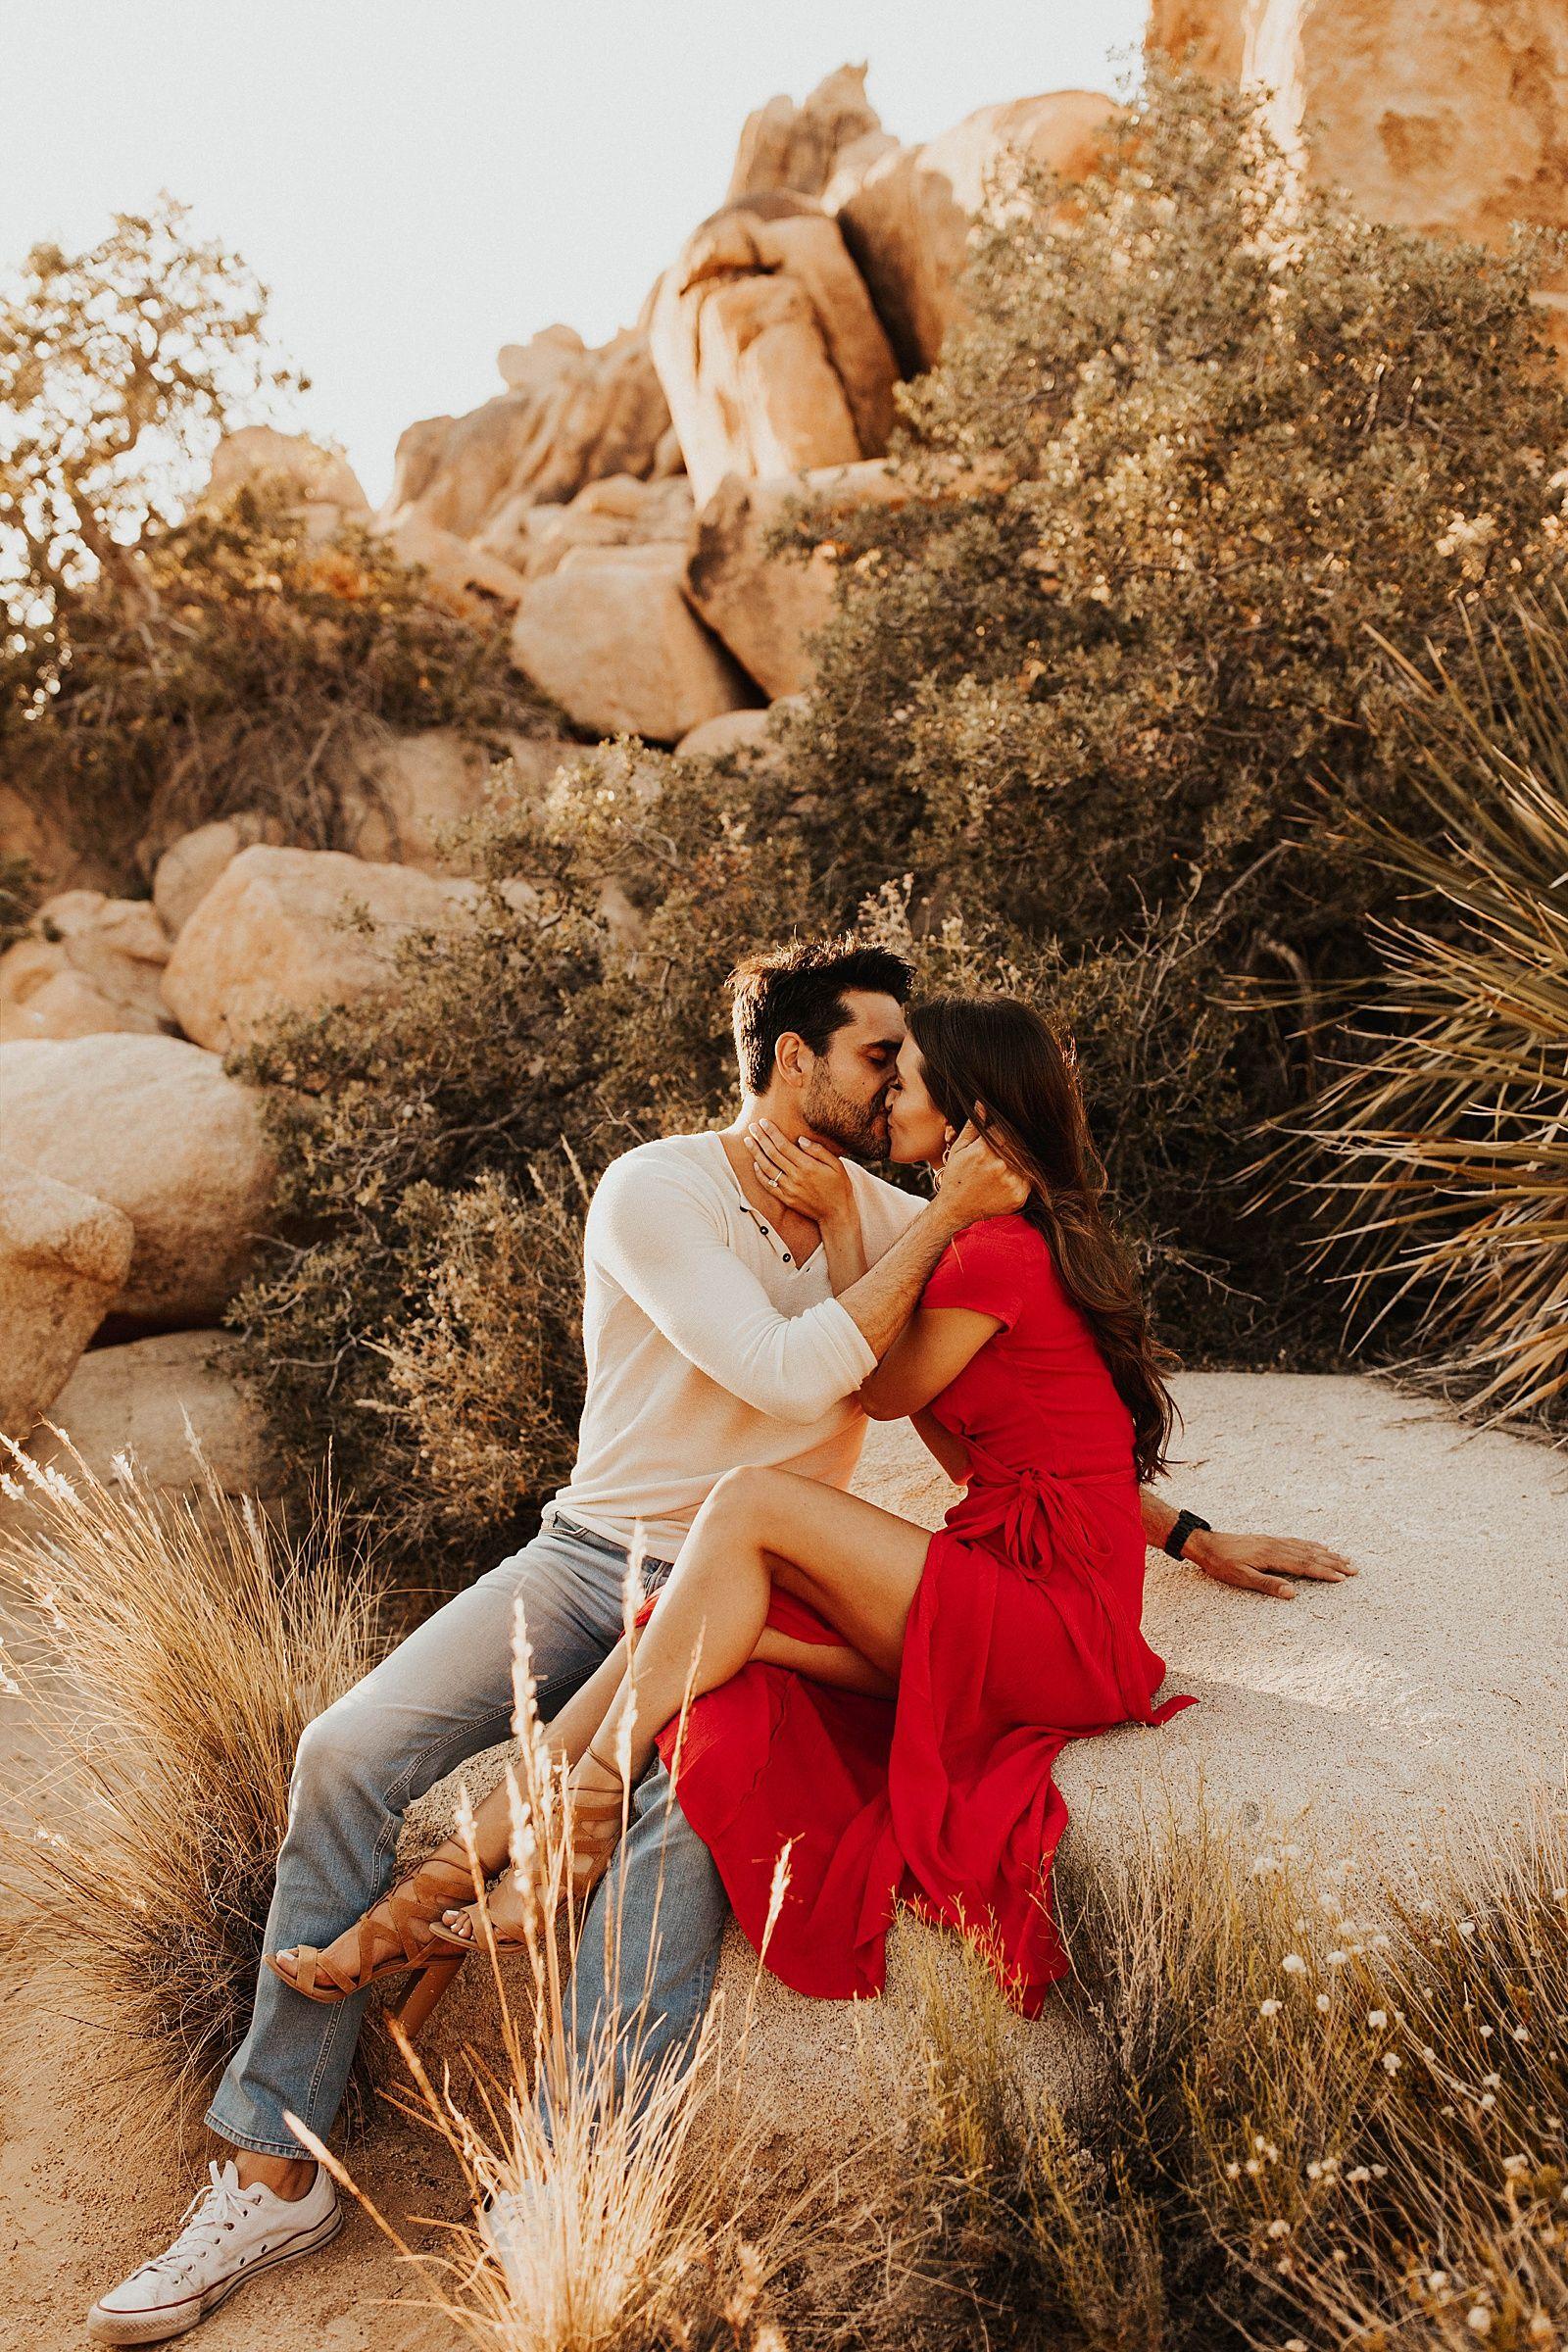 Joshua Tree Engagement Shoot // Engagement Photos // National Park Couples Photos // Joshua Tree Wedding Photographer // Meg Amorette Photography